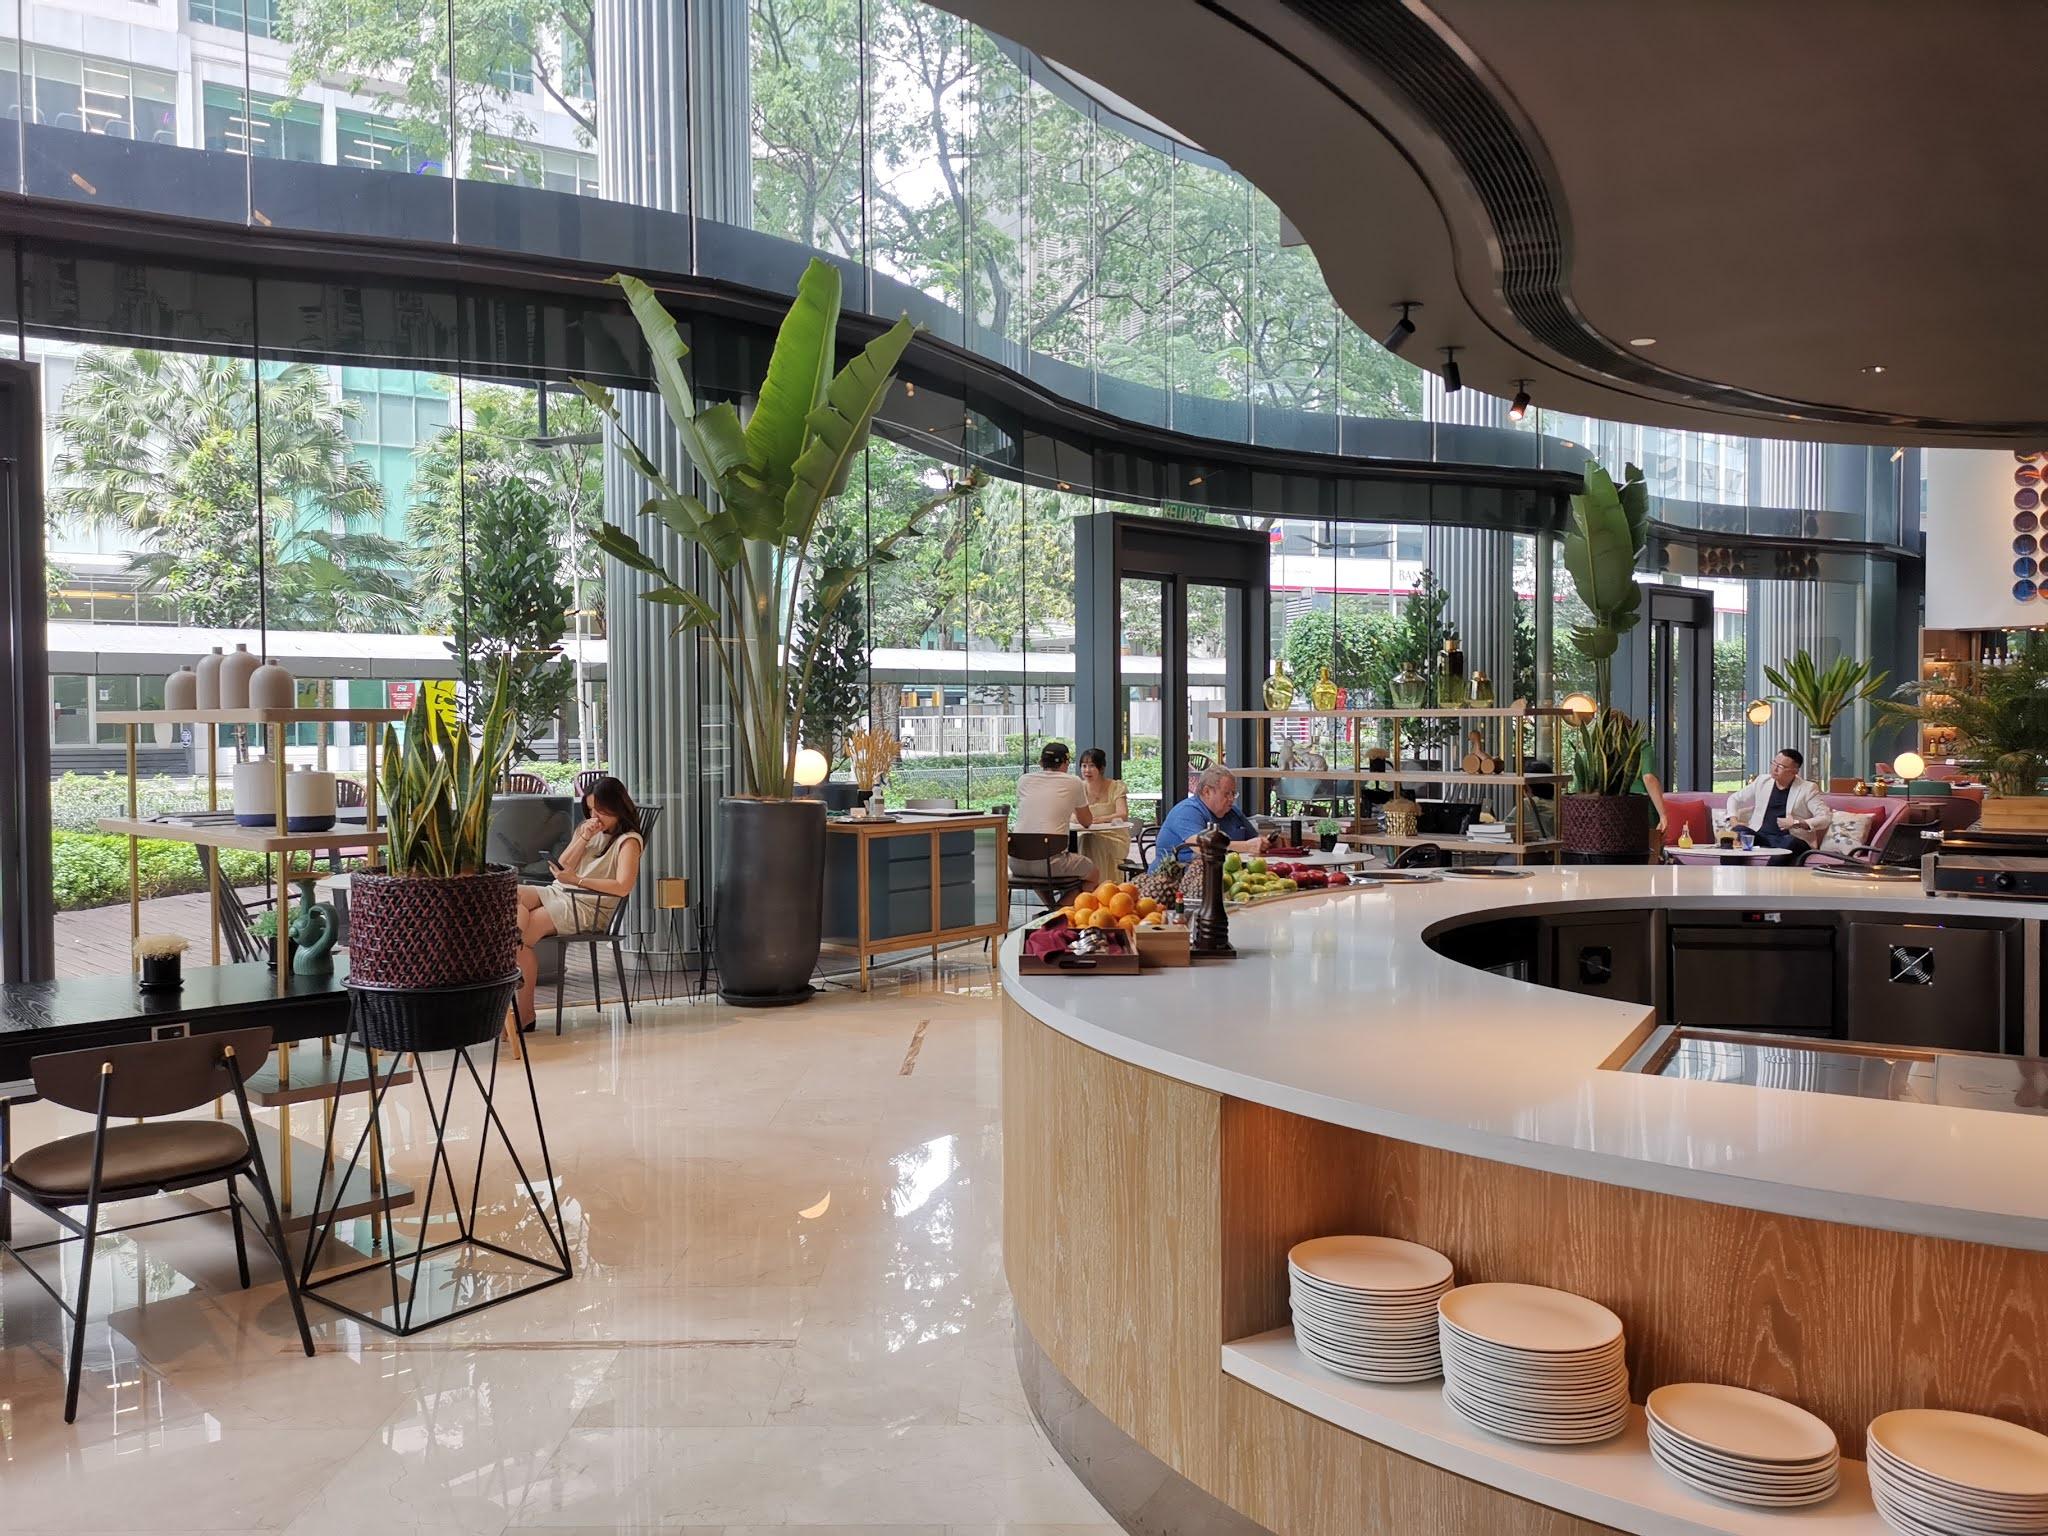 REVIEW PENGALAMAN MENGINAP DI HOTEL EQ KUALA LUMPUR PADA HUJUNG MINGGU